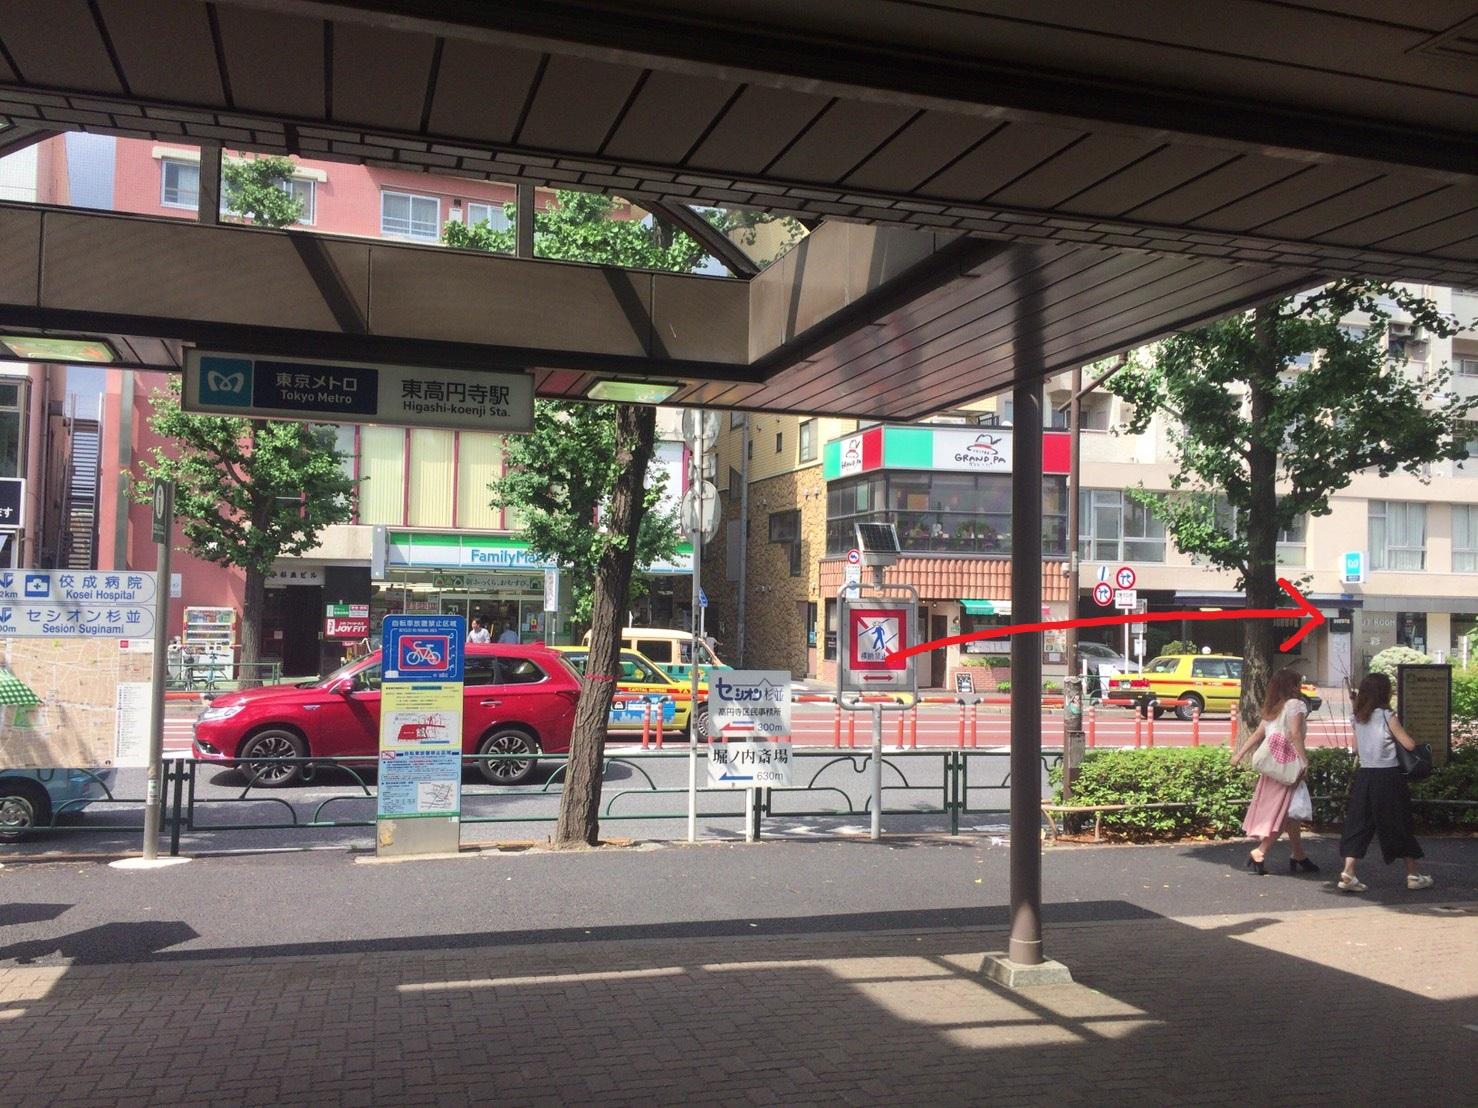 丸の内線「東高円寺駅」前